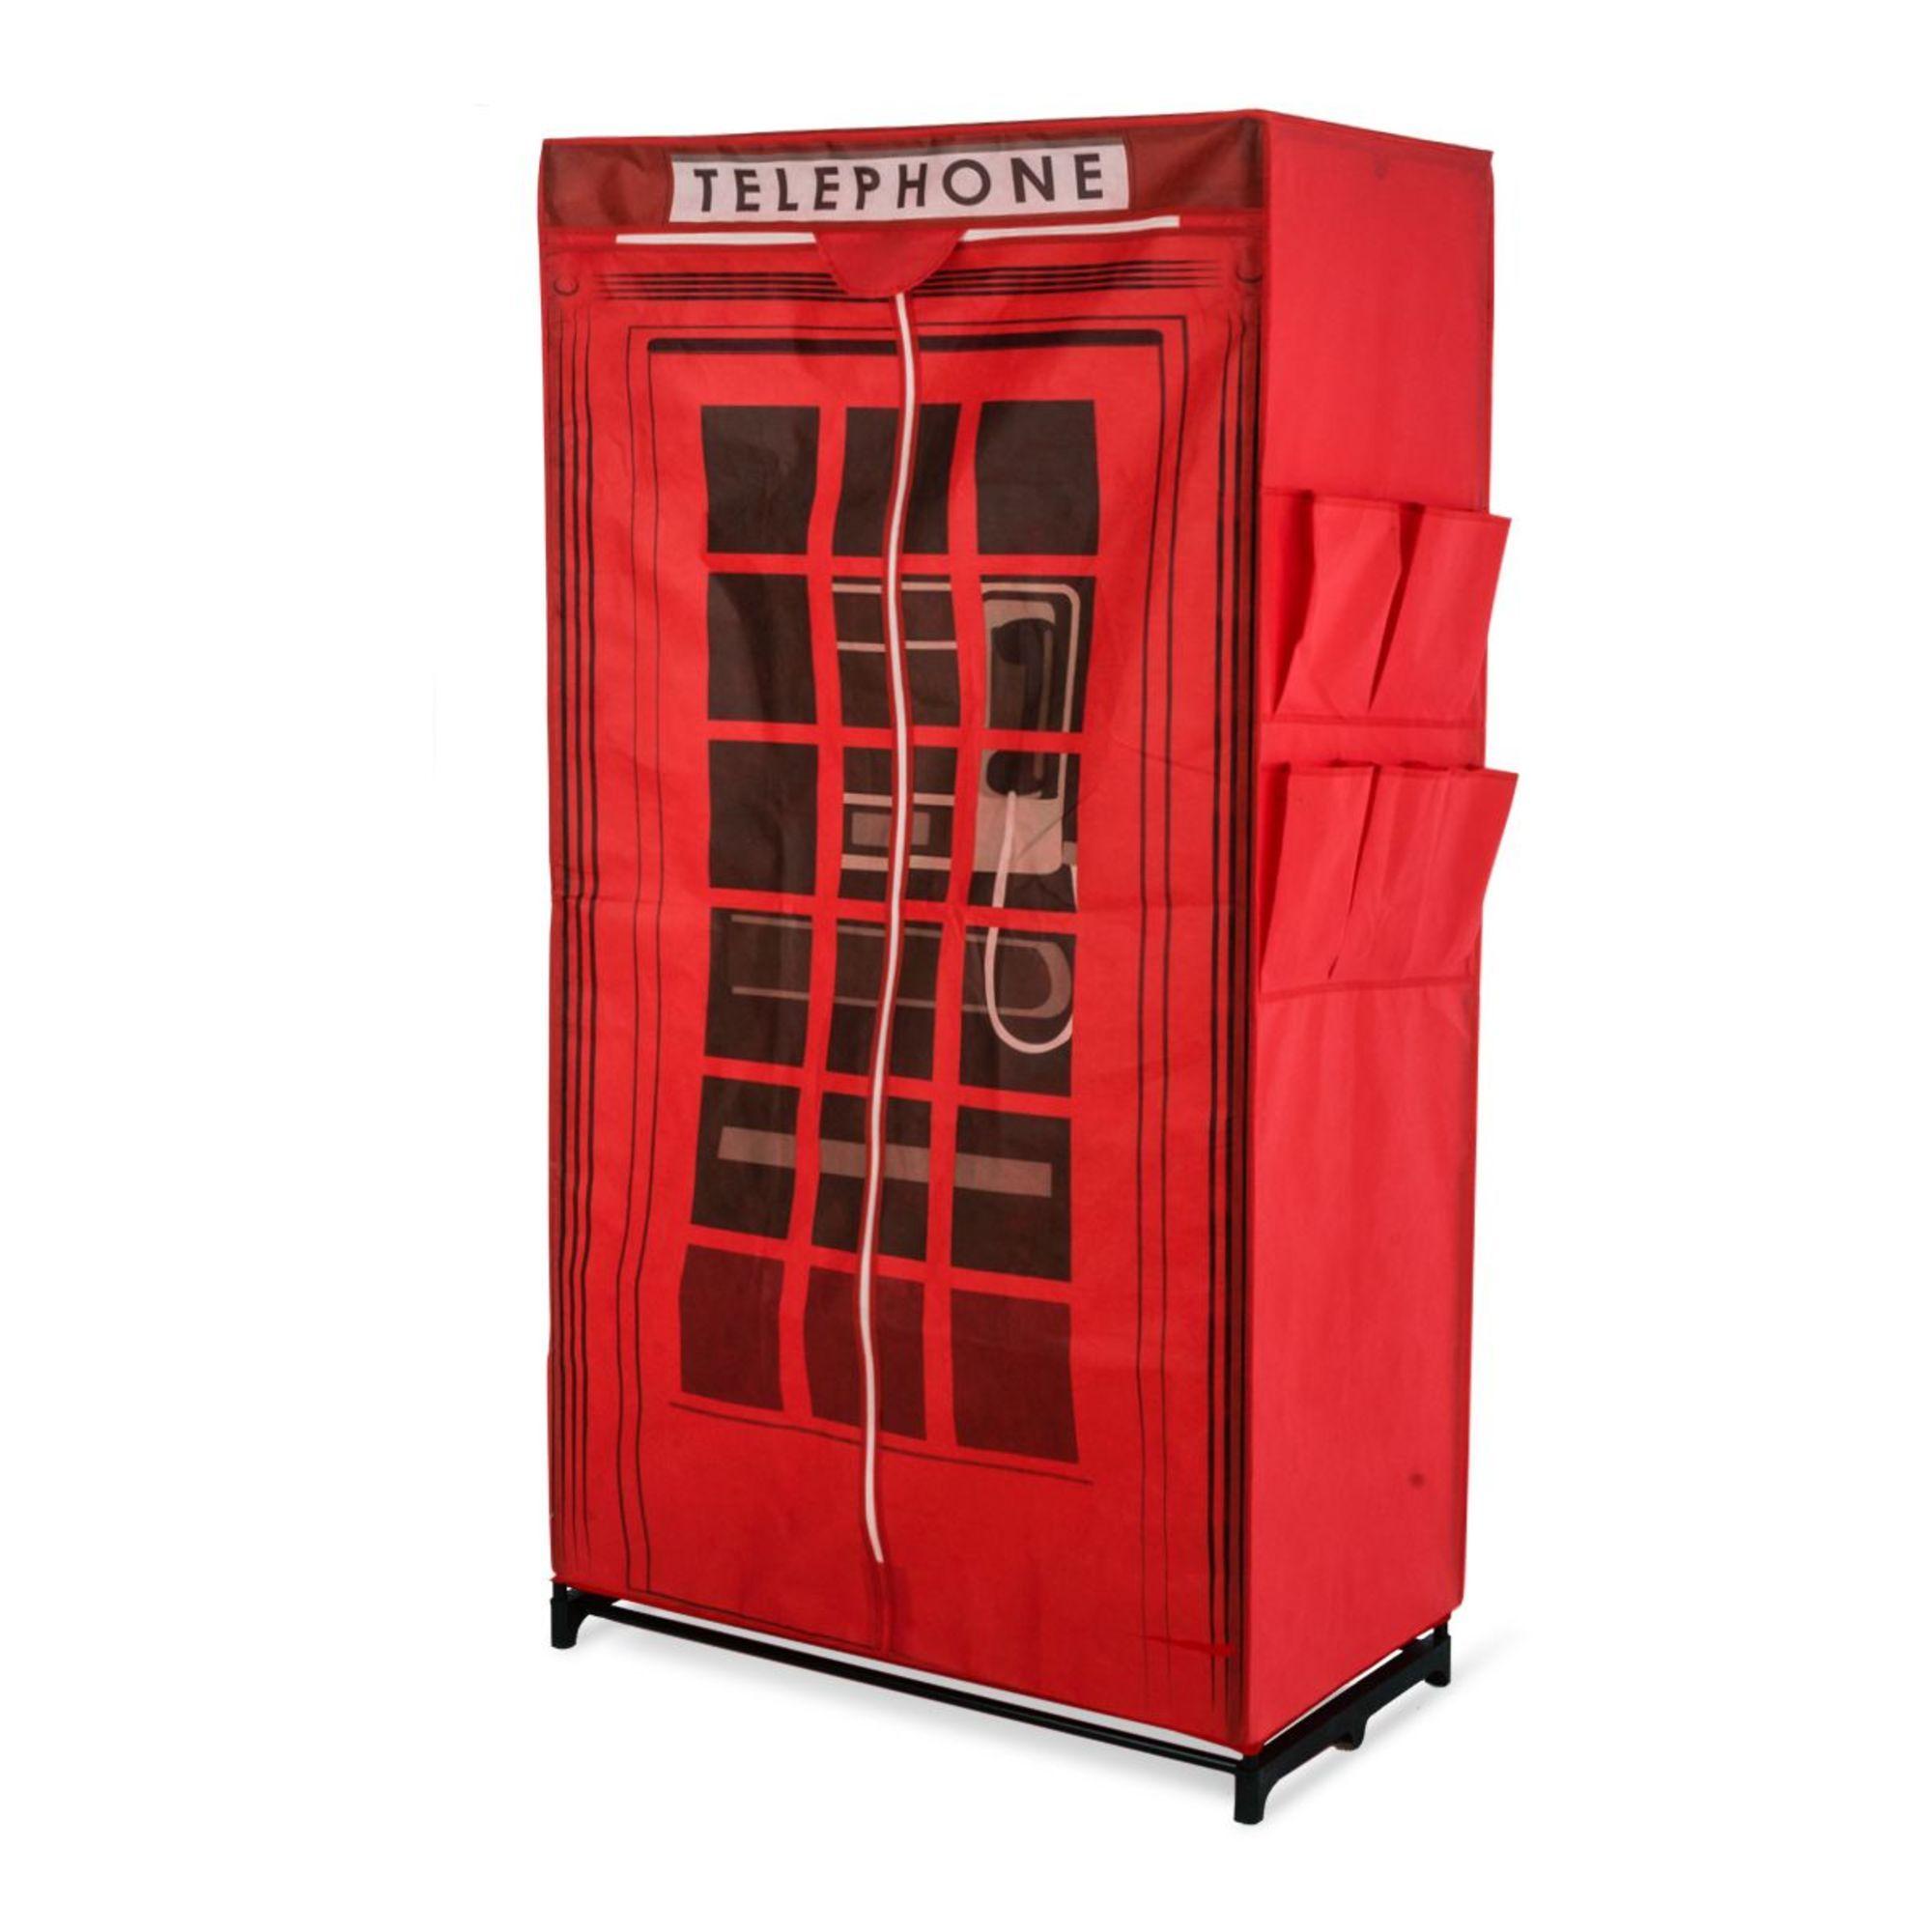 Kleiderschrank aus Stoff Design englische Telefonzelle ...